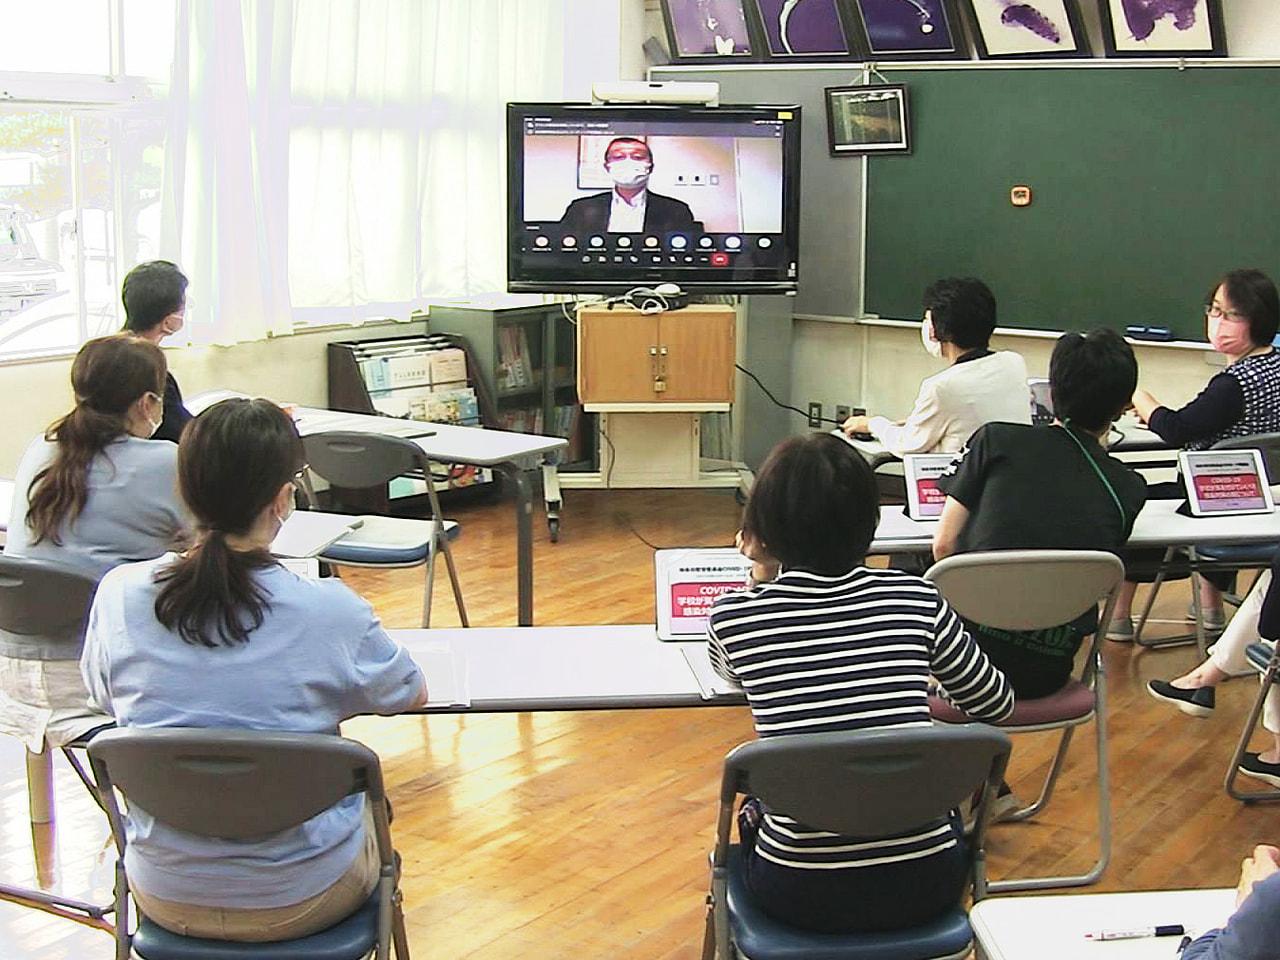 岐阜市の教員らが、専門家から教育現場のコロナ対策を学ぶ研修会がオンラインで開かれ...